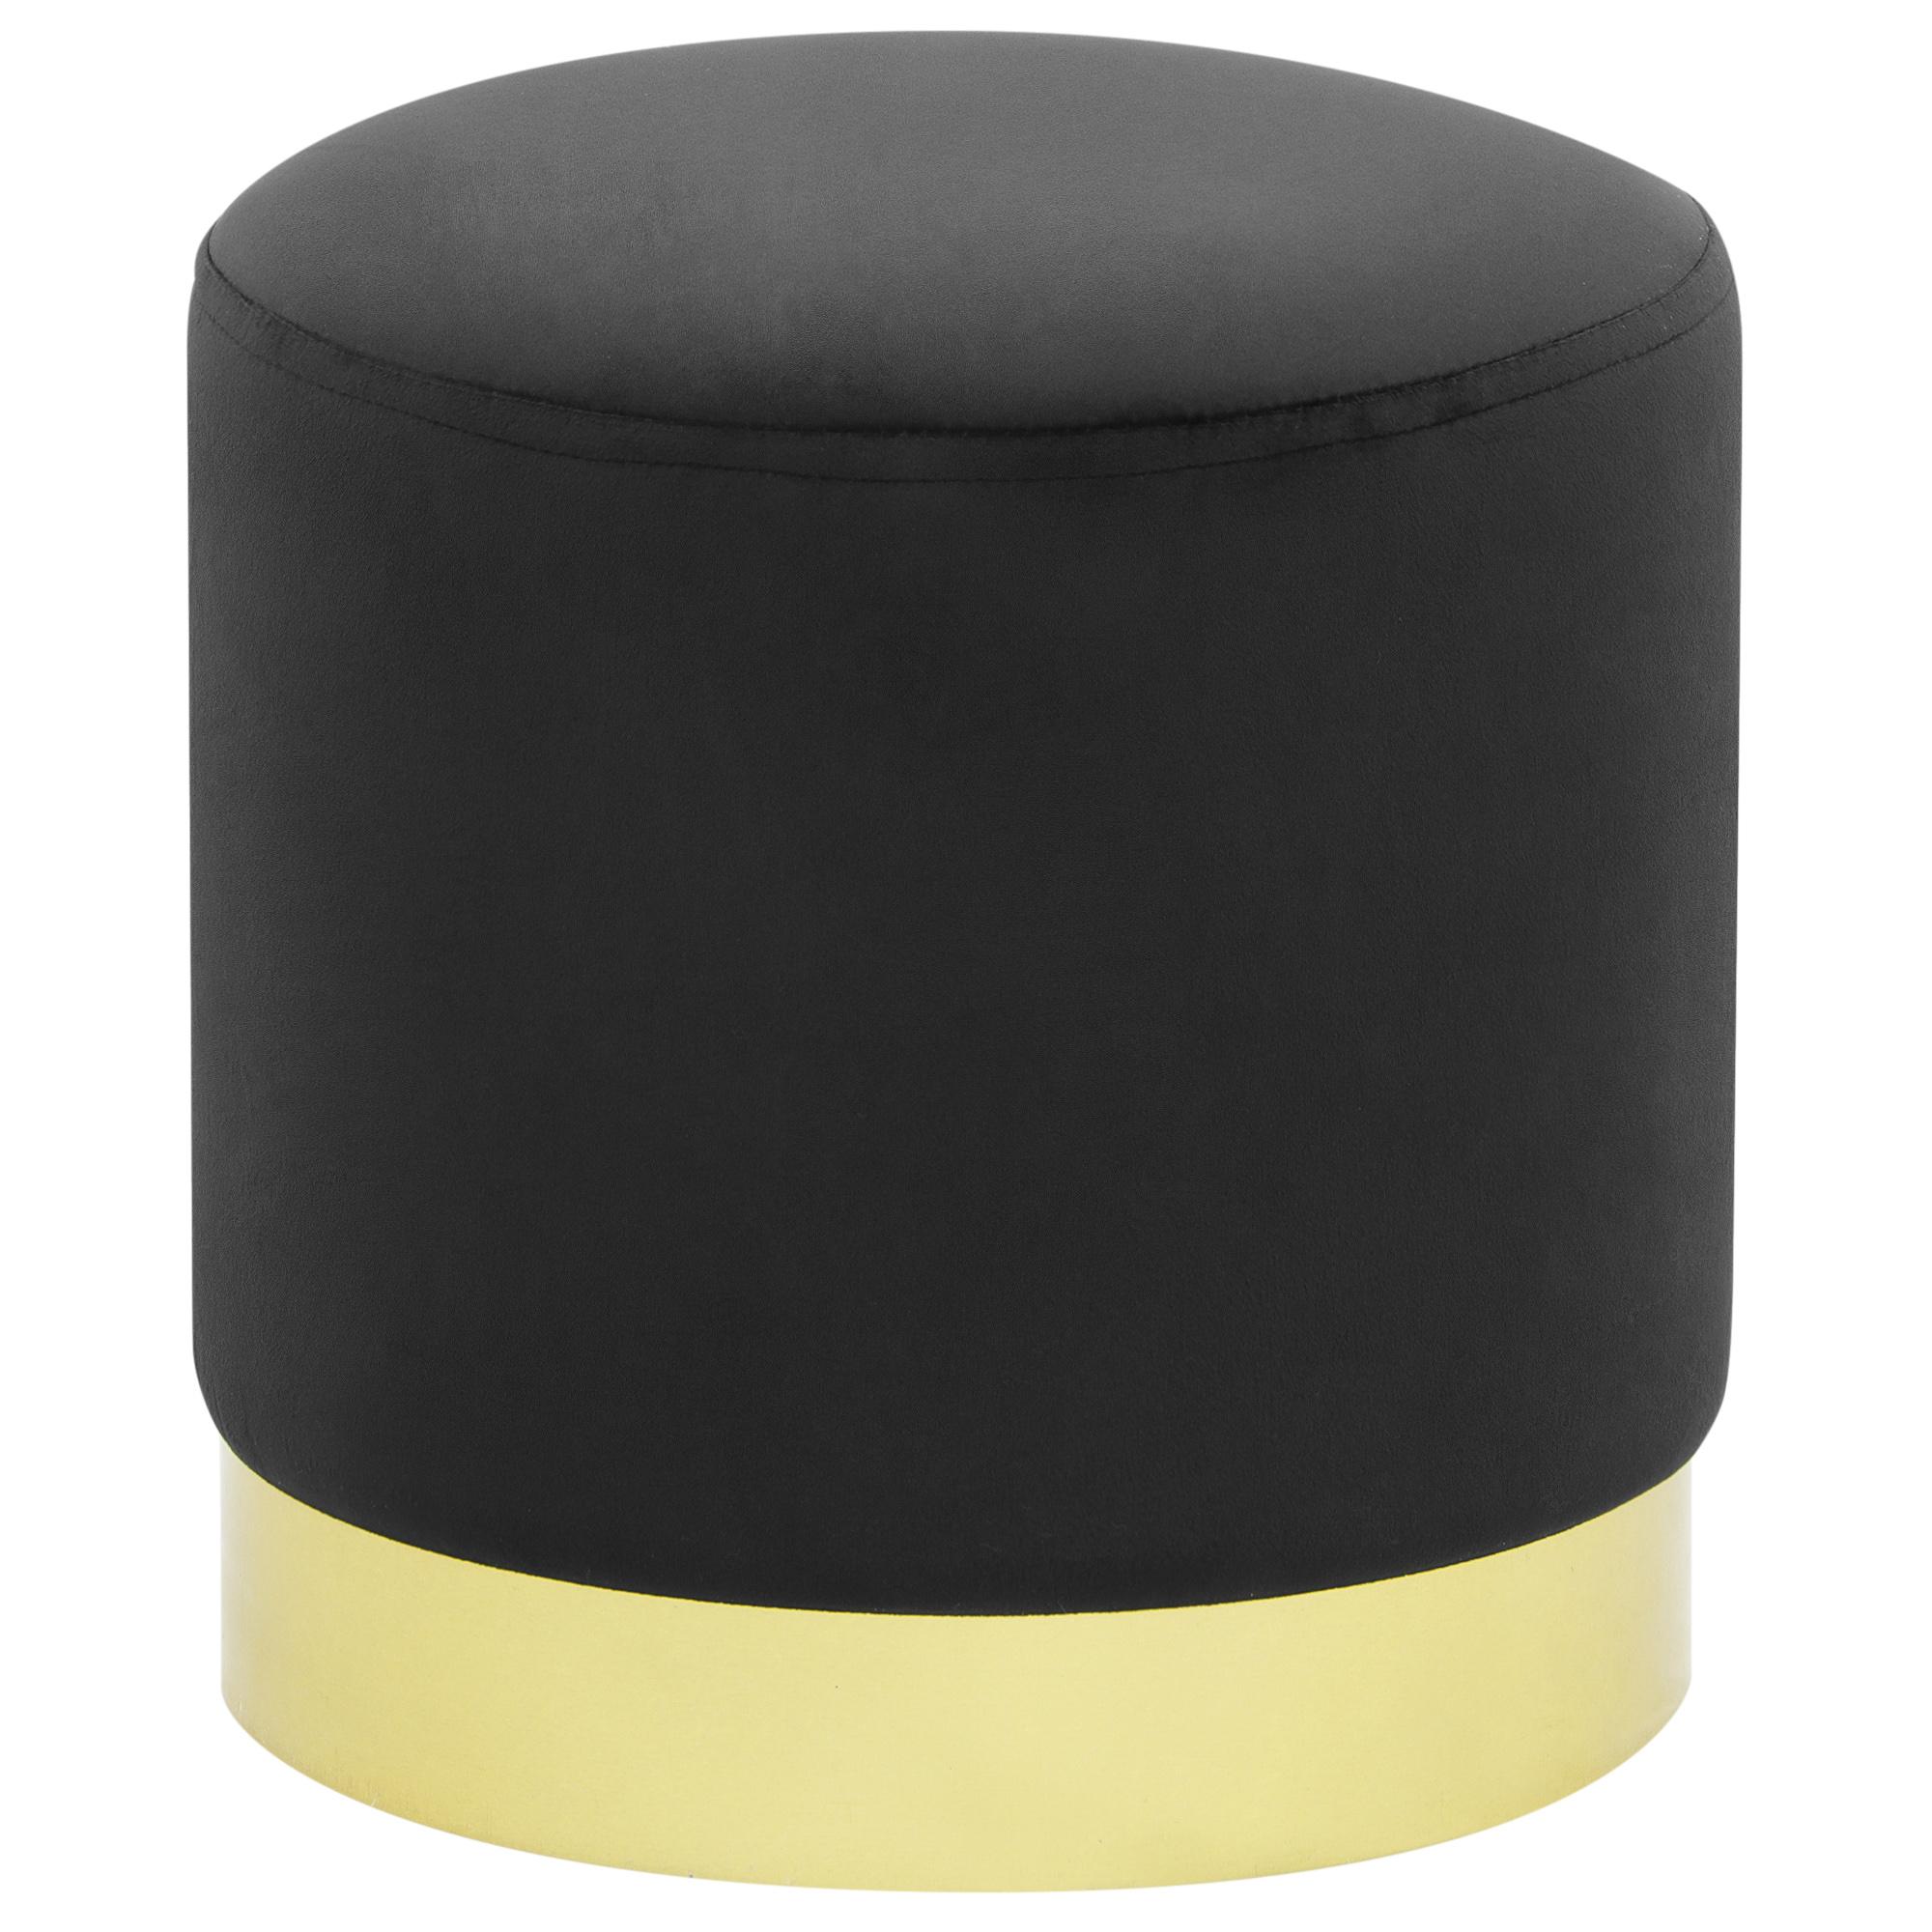 Пуфик Foreign trade Фибби черный 31,5x31,5x33 см